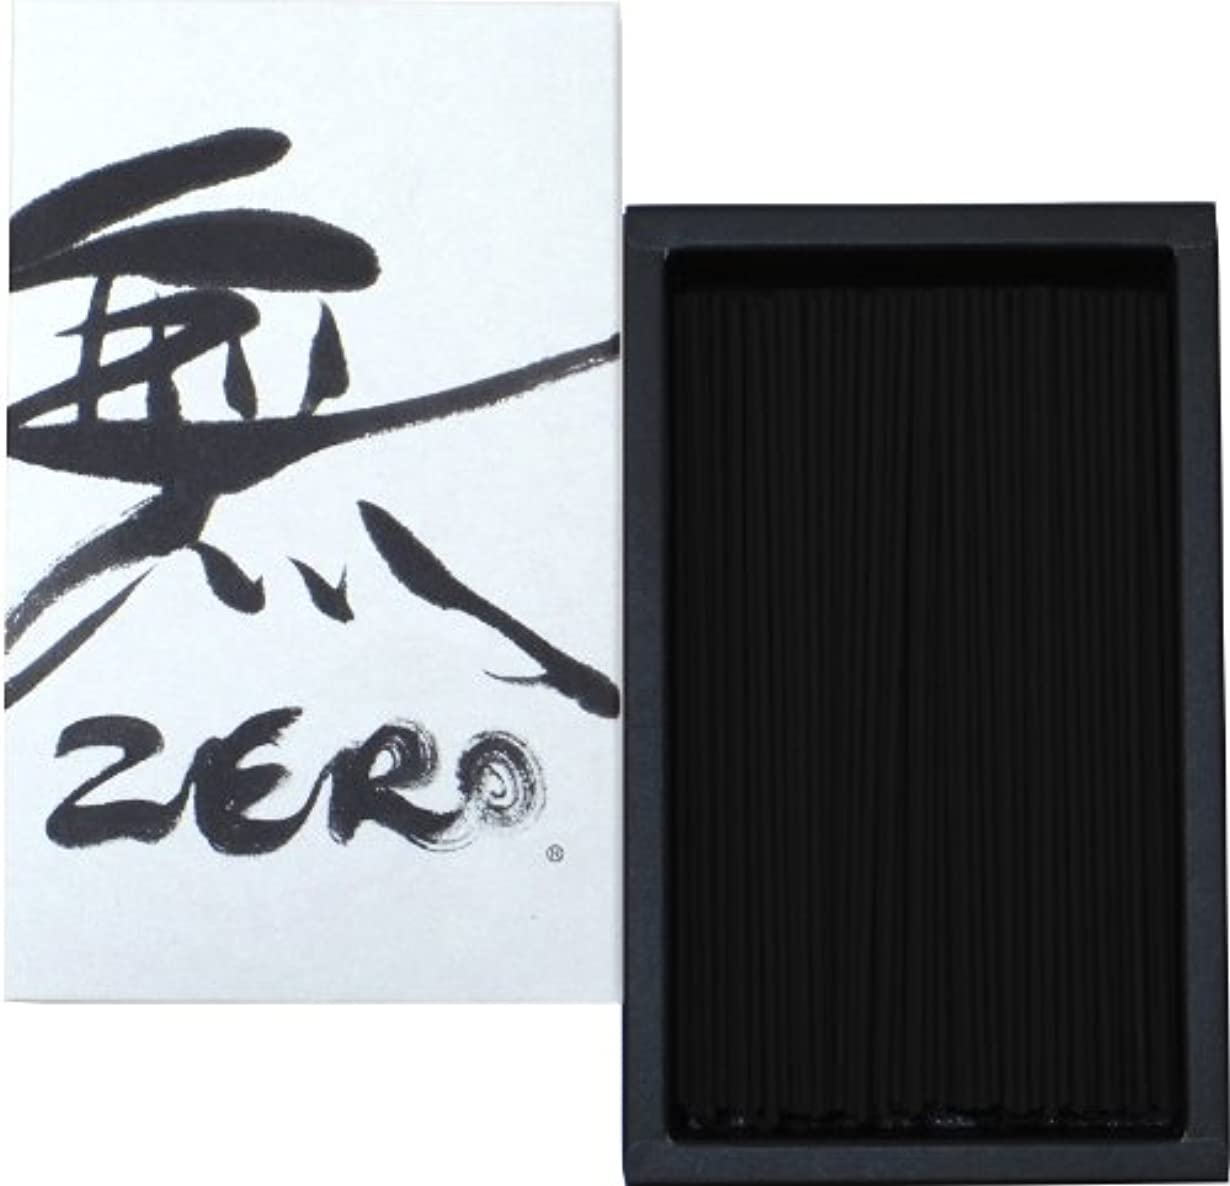 避難寓話スリチンモイ丸叶むらたのお線香 無 ZERO(ゼロ)大バラ 約160g #ZR-01